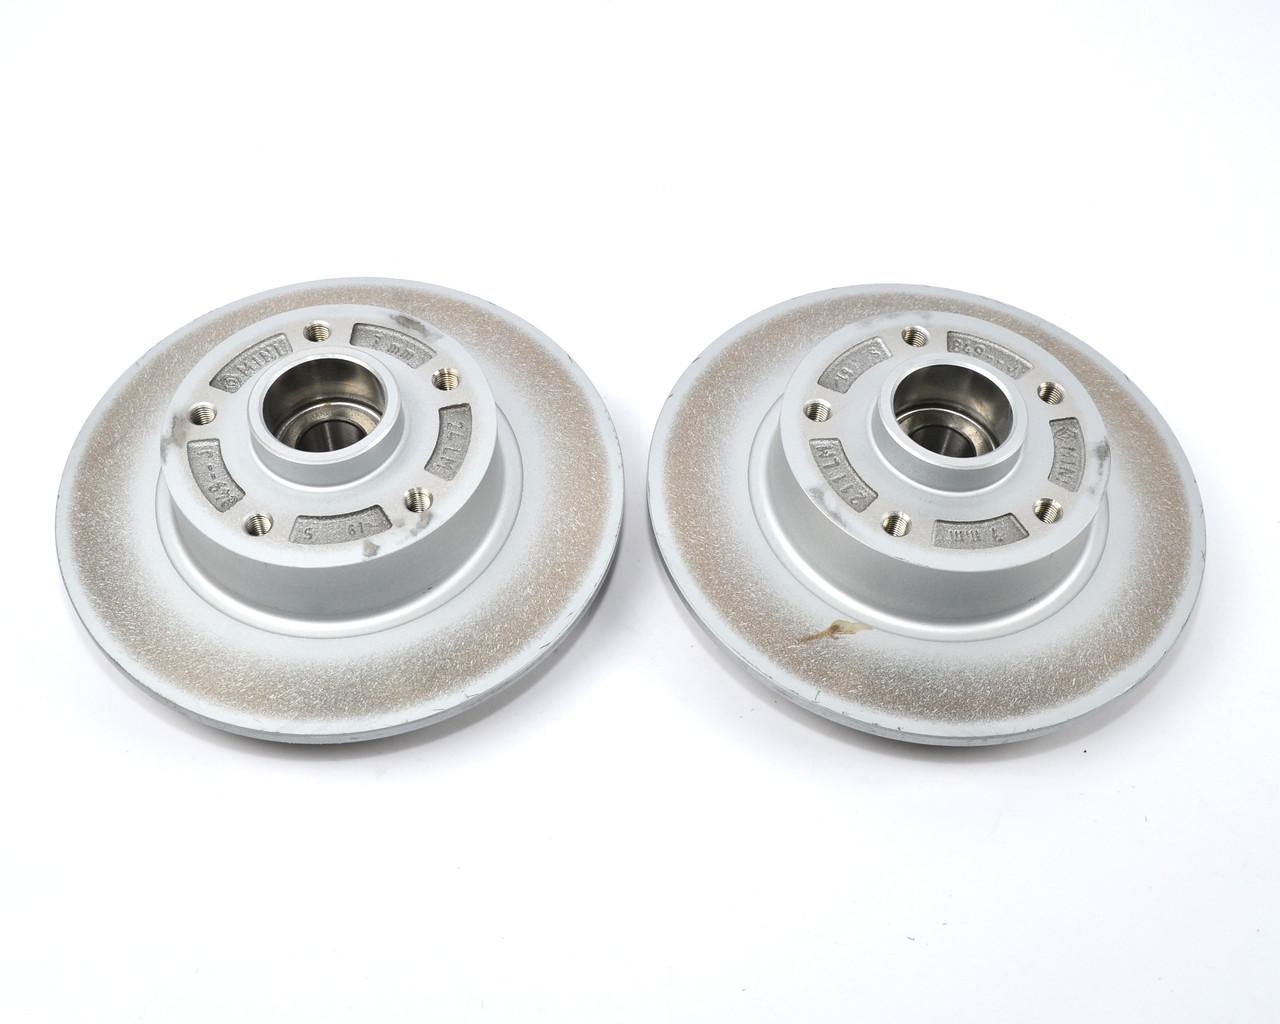 Тормозной диск задний с подшипником 260mm. (к-т 2шт) на Renault Clio IV (RS) - Renault (Оригинал) - 432007556R